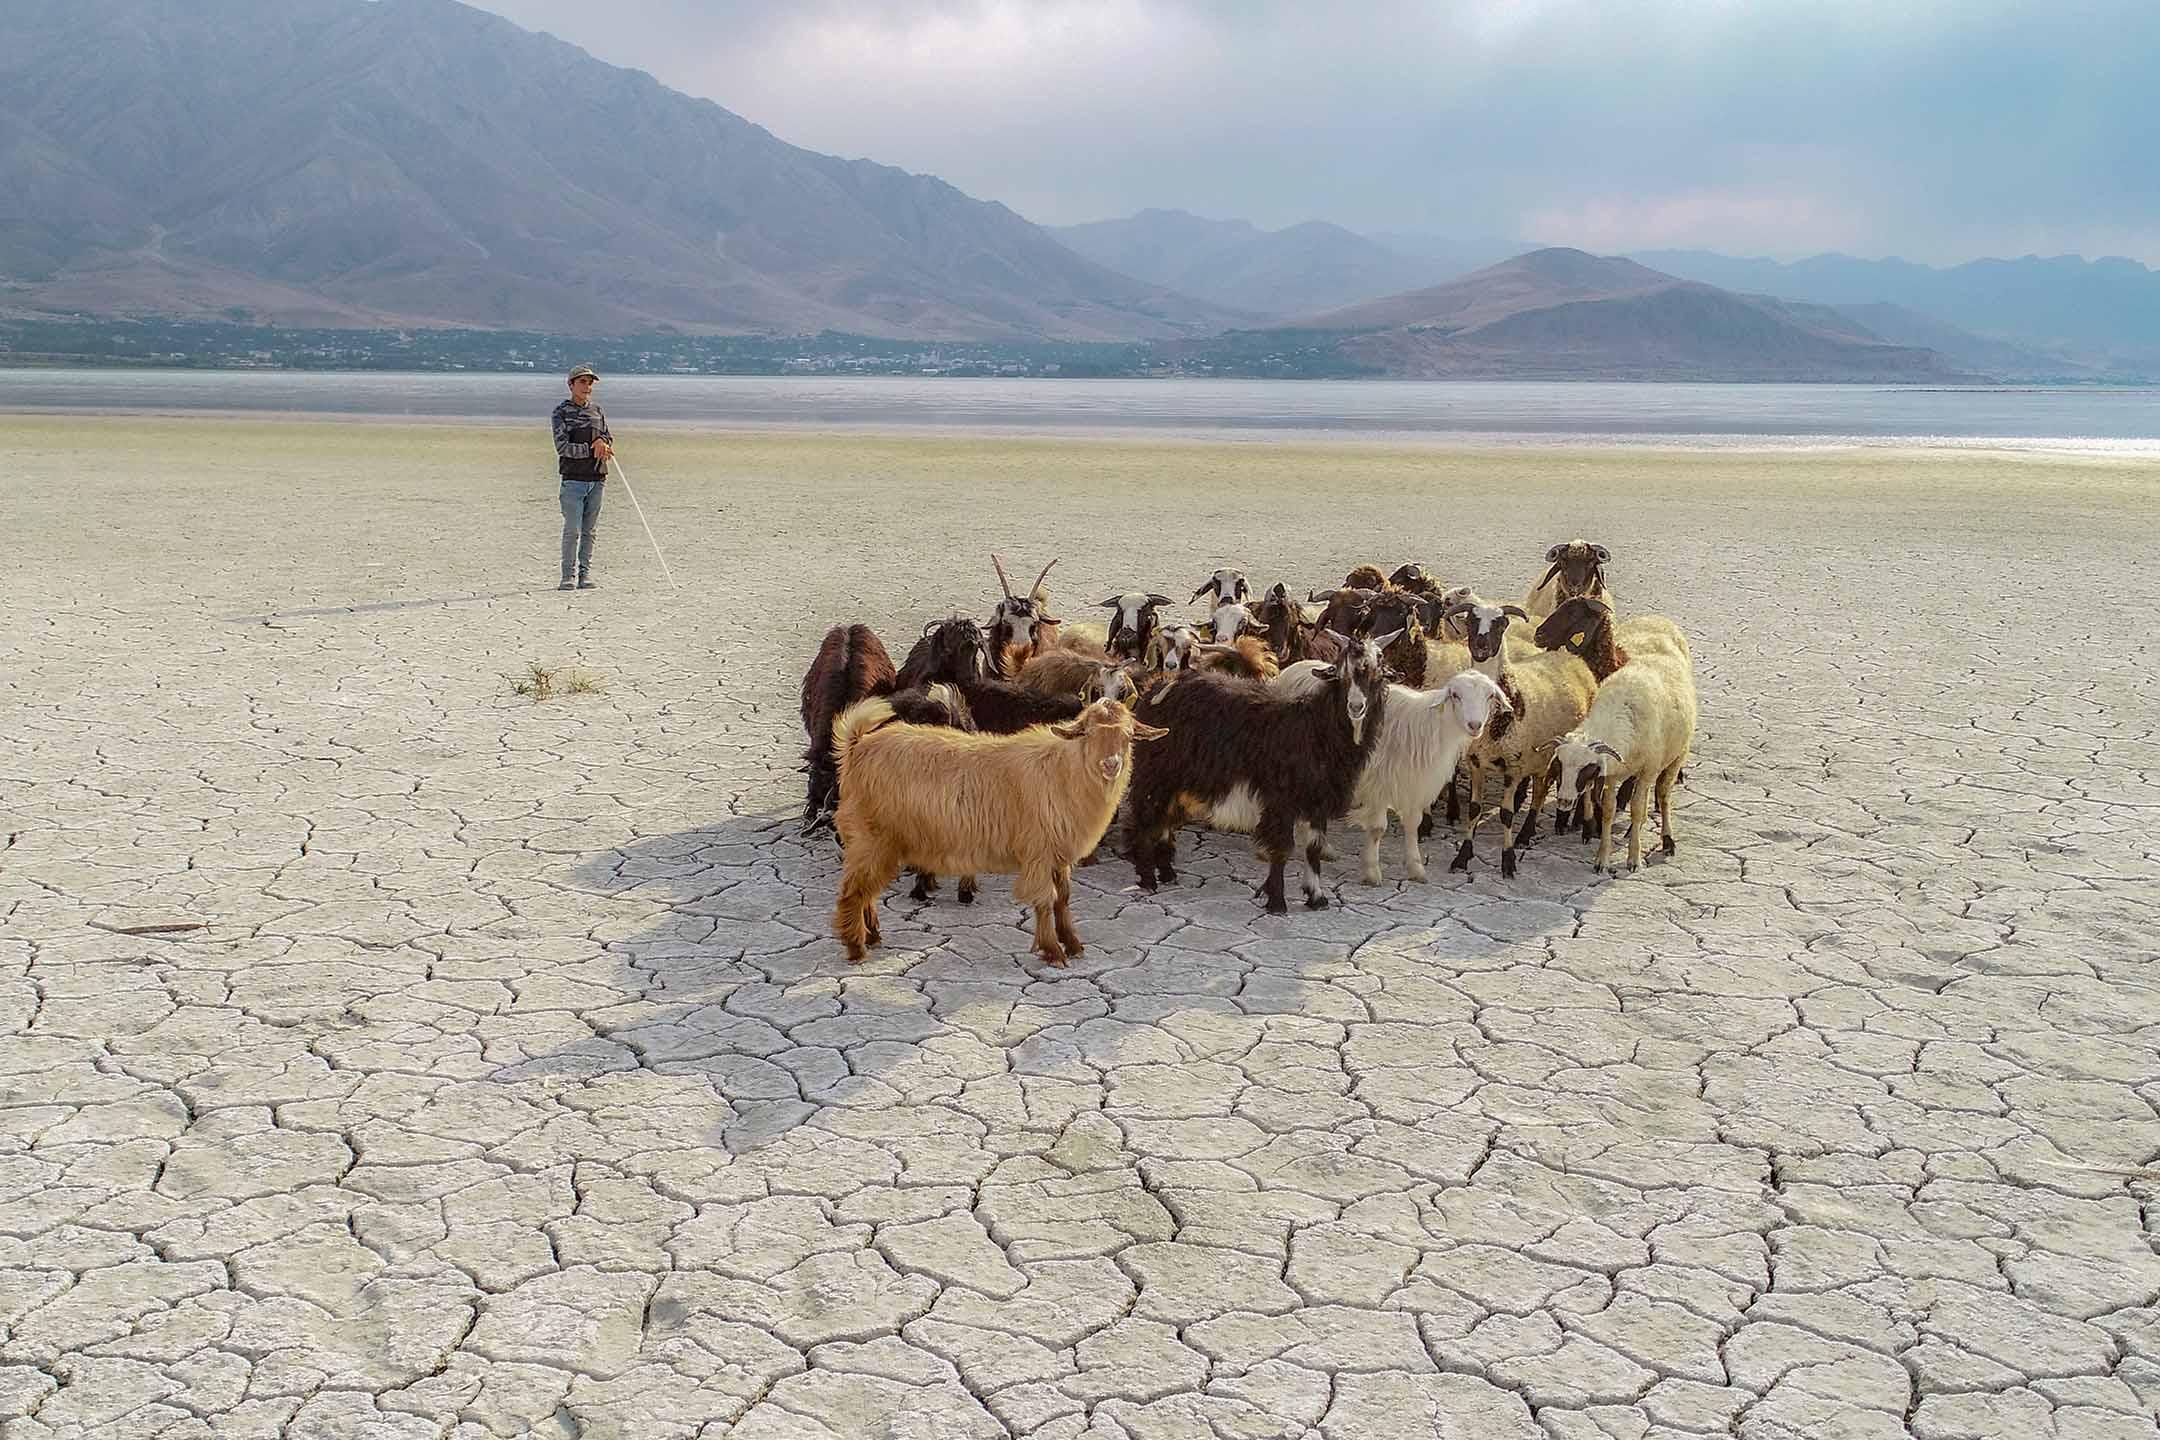 2020年9月1日土耳其,因全球暖化導致水位下降,乾涸的湖上一群山羊經過。 攝:Ozkan Bilgin/Anadolu Agency via Getty Images